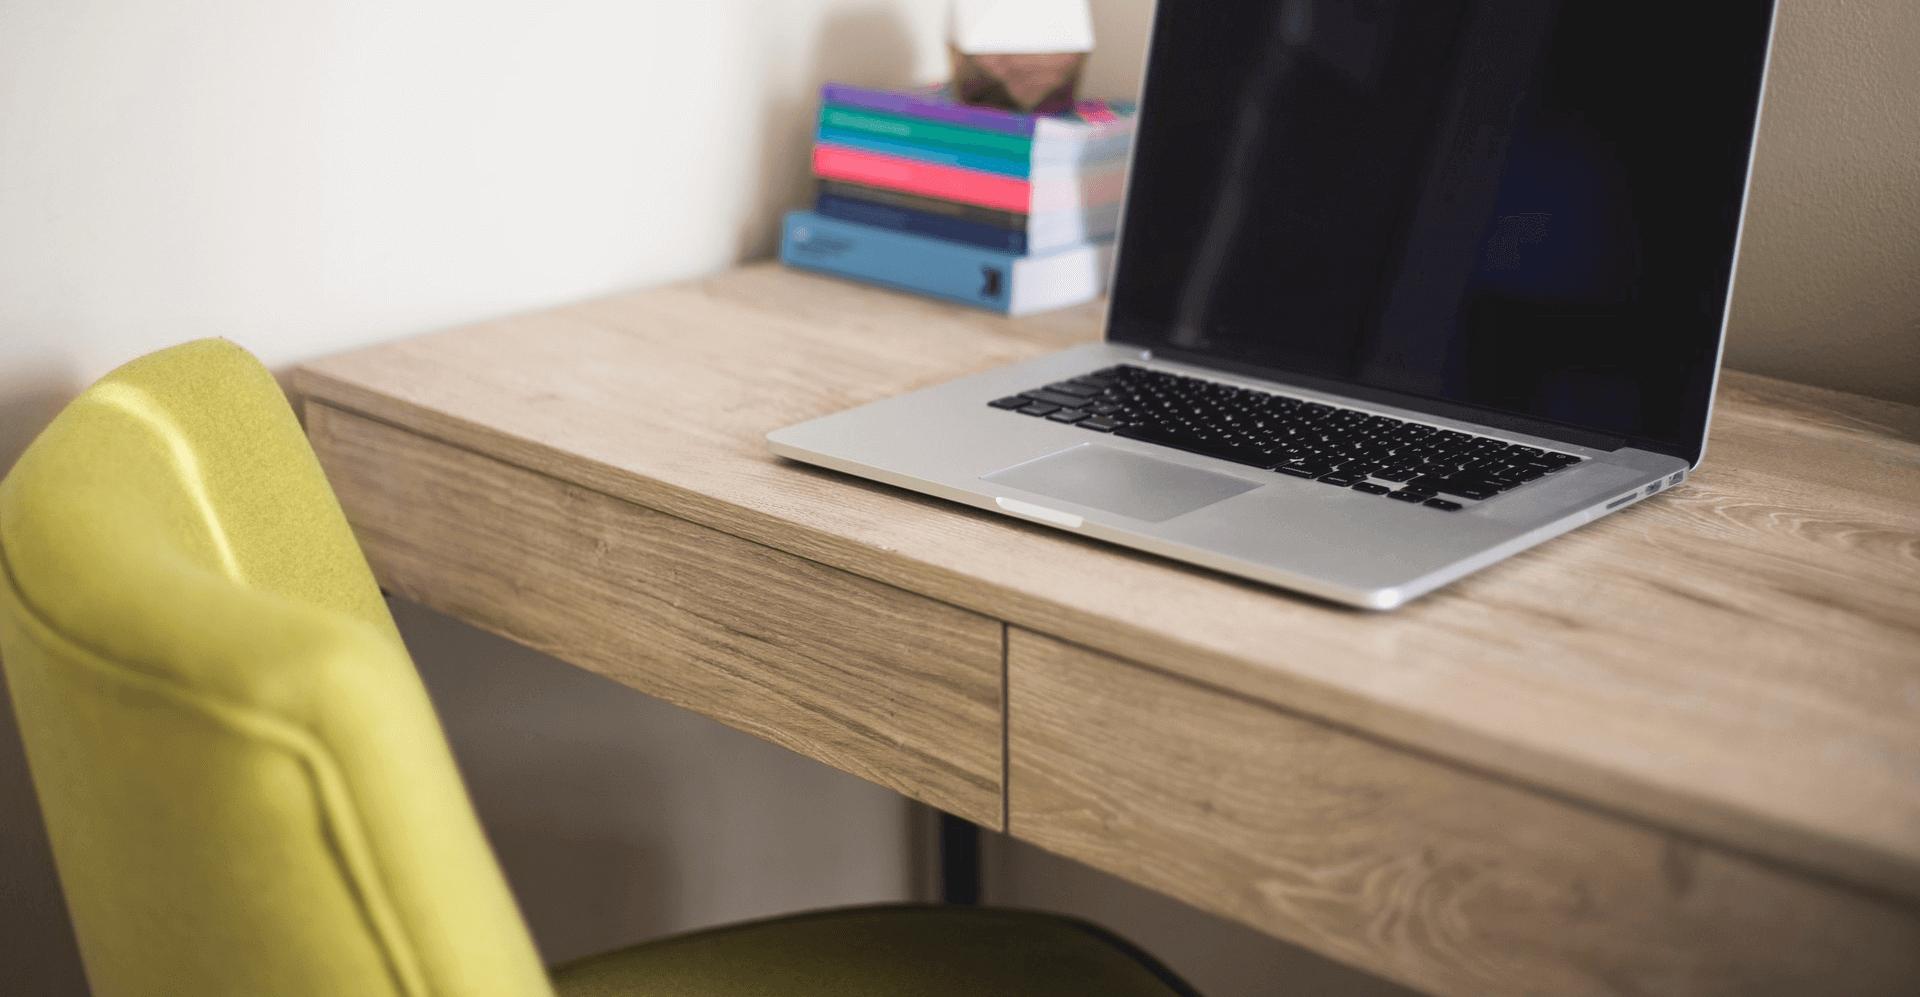 Íróasztal részlet-Orning Anikó, webdesign, logó- és arculattervezés, honlapkészítés, grafikai munkák, plakát tervezése, felhasználóbarát és reszponzív weboldal tervezése, Pécs, kedvezményes ár